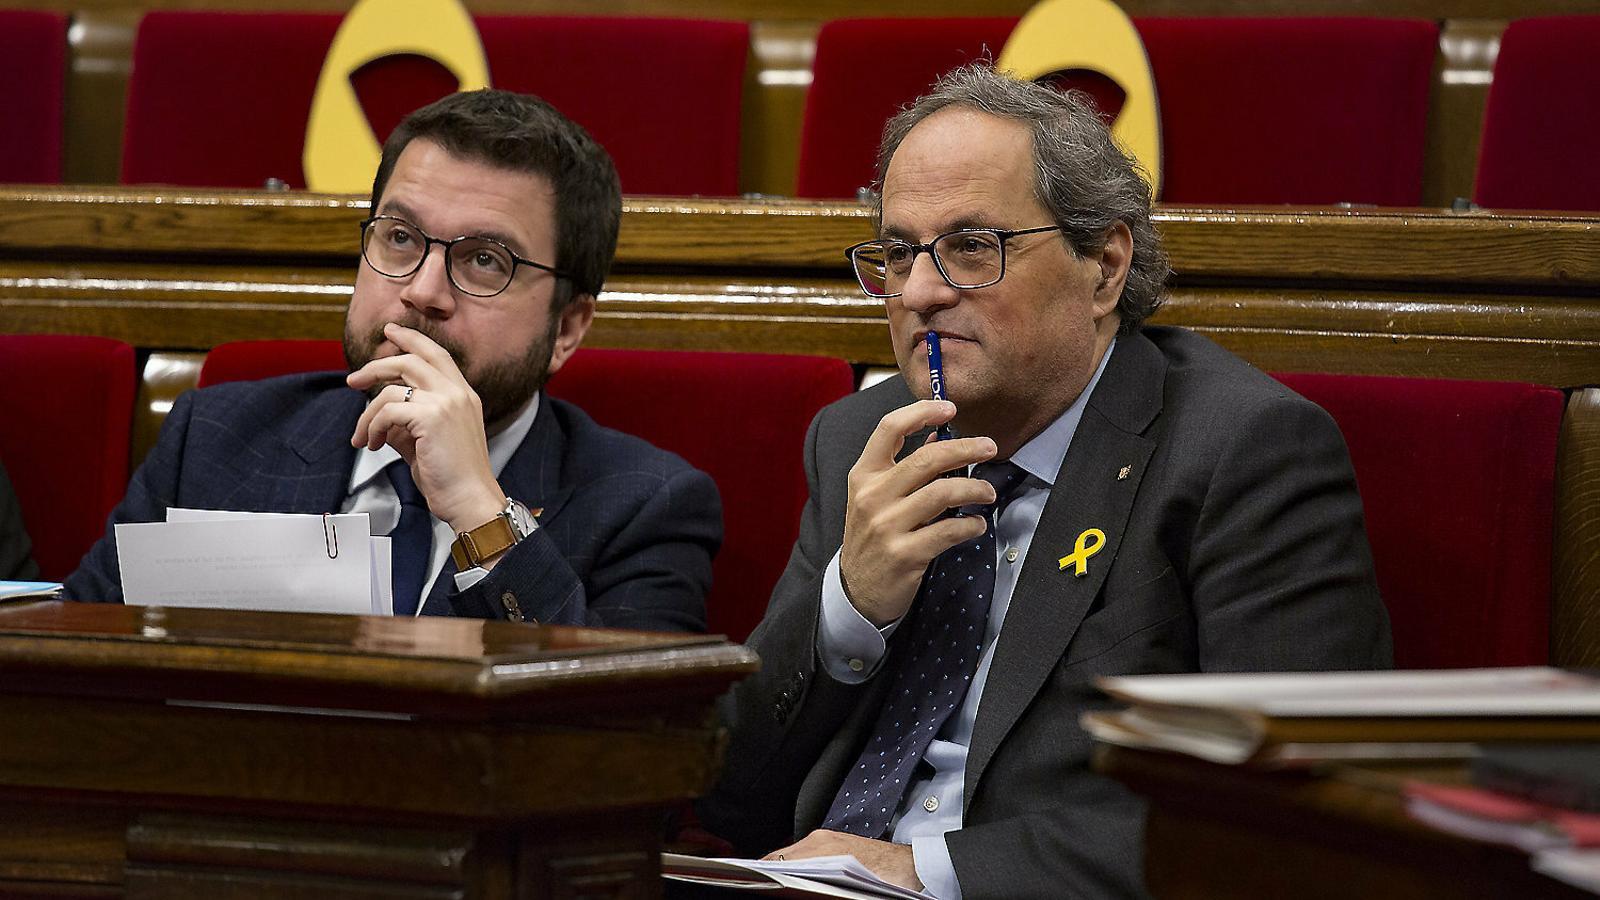 Pere Aragonès i Quim Torra en una imatge d'arxiu al Parlament.